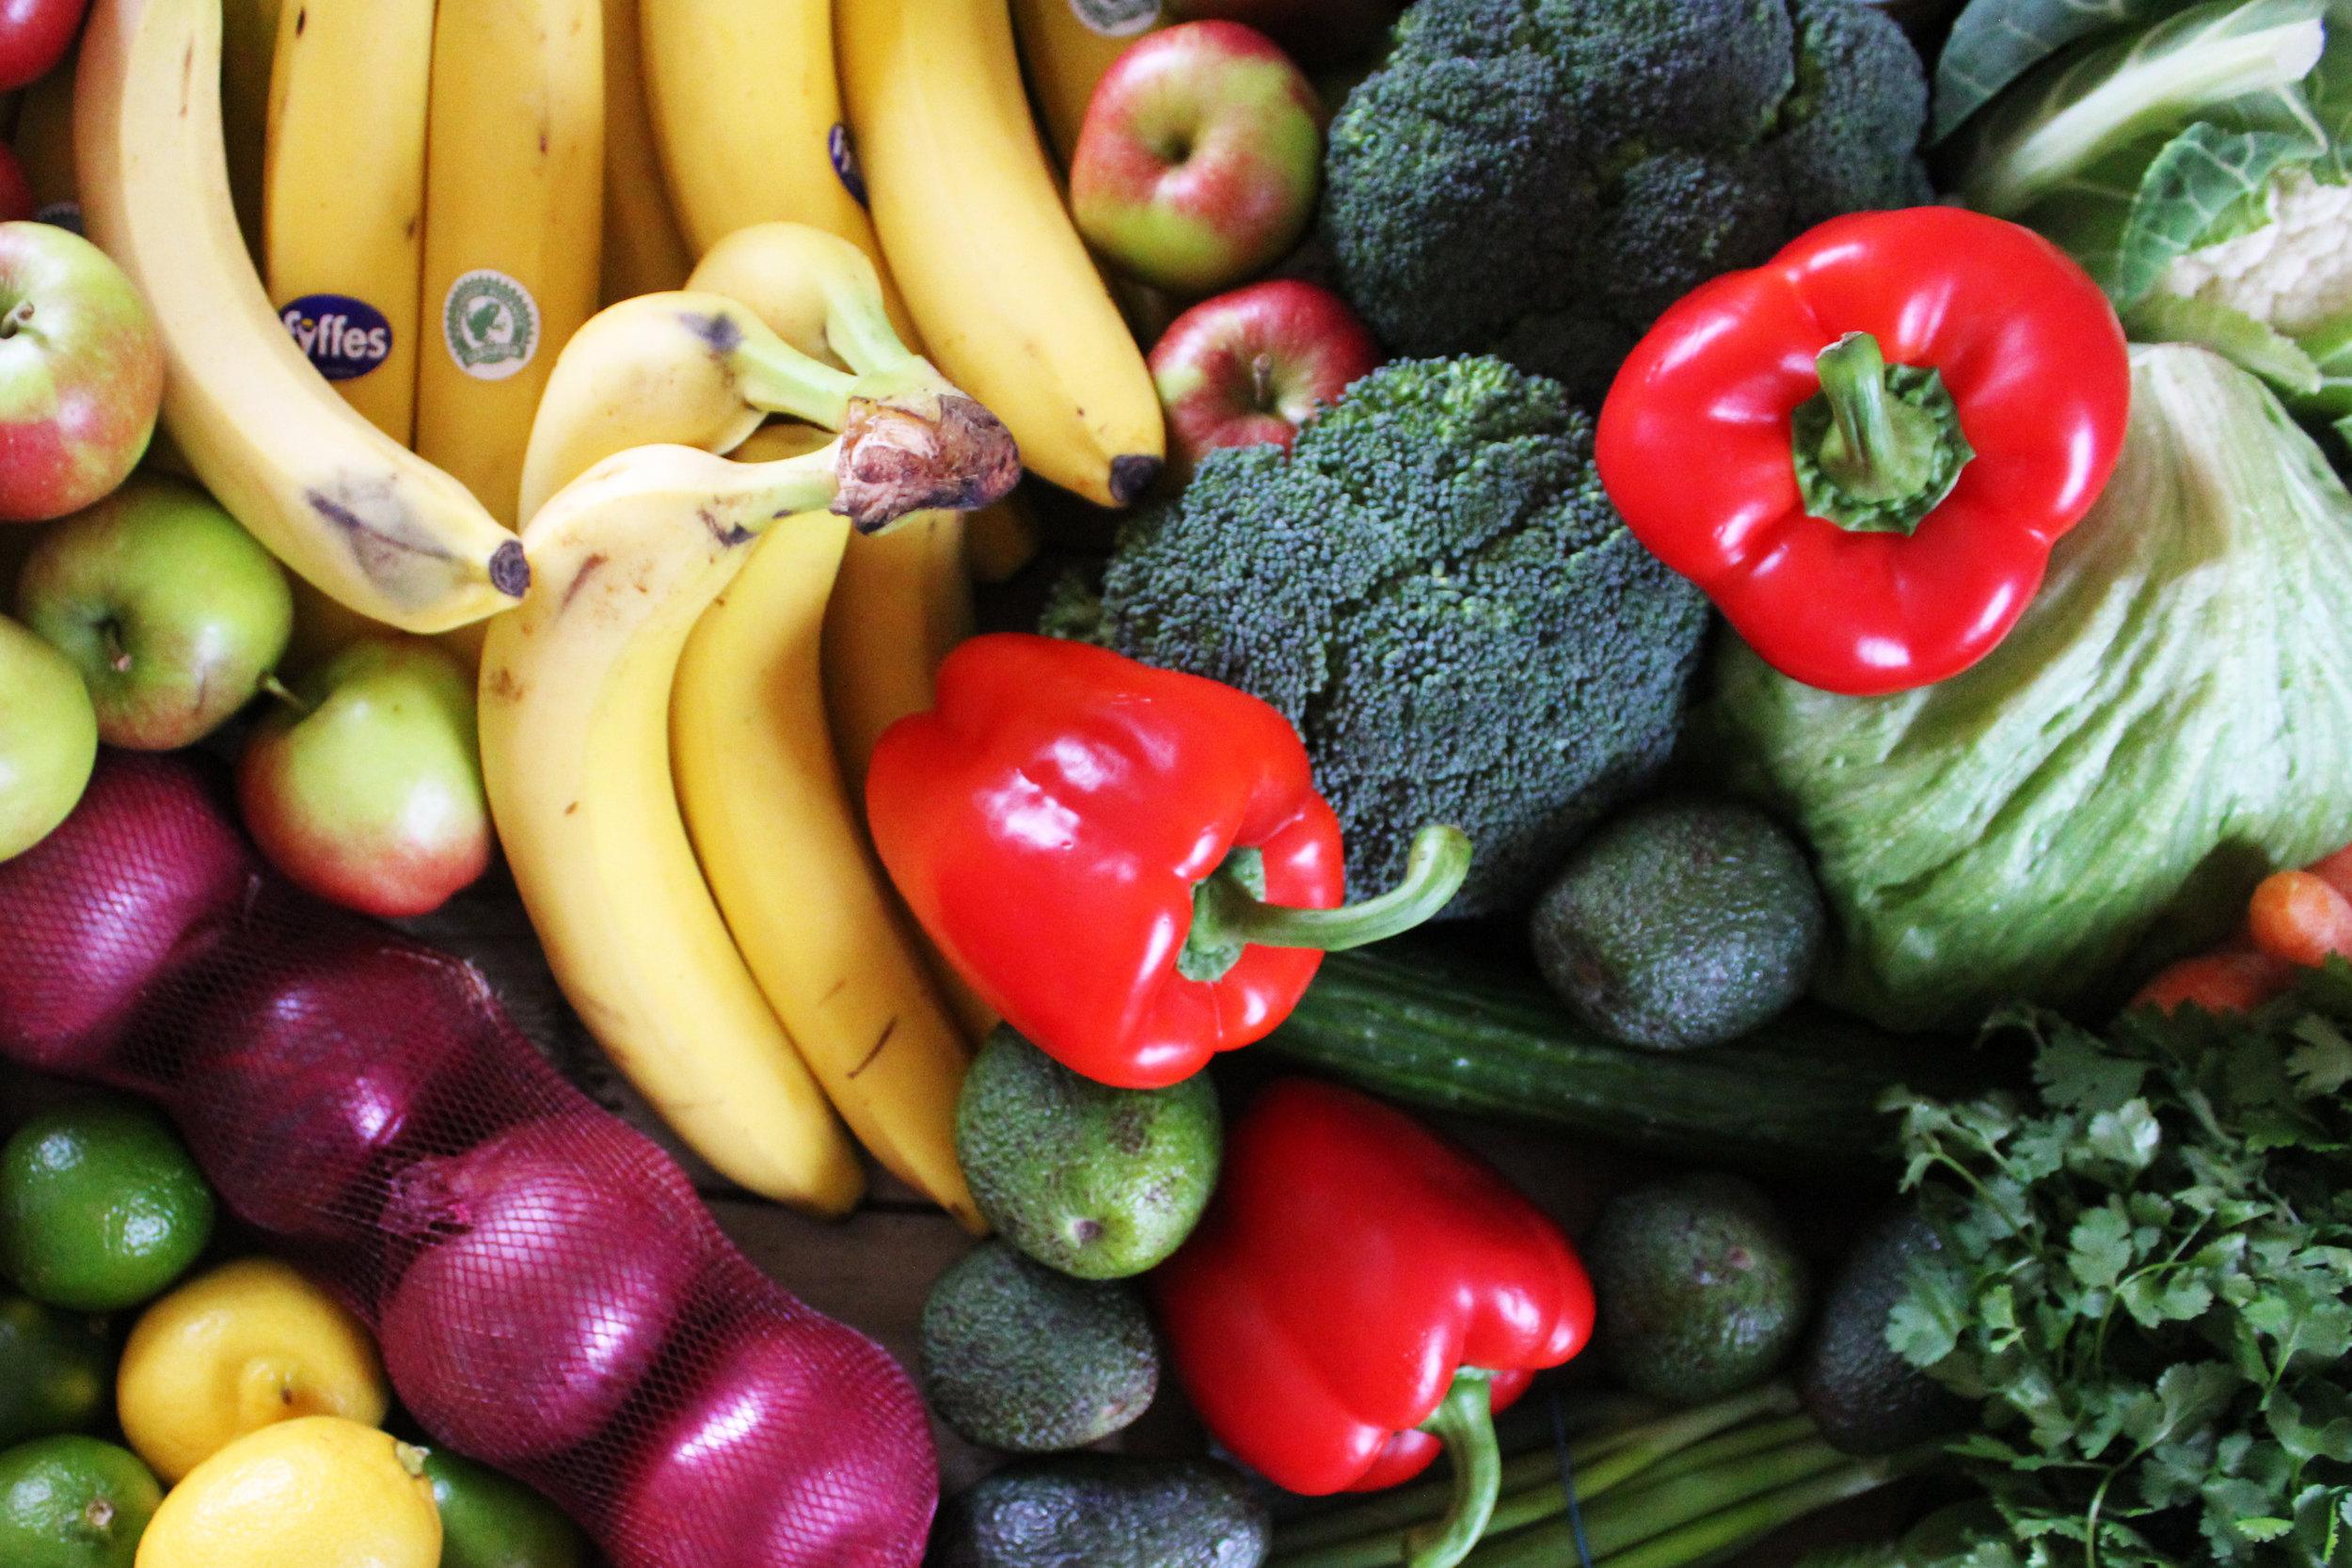 fruitandveg.jpg